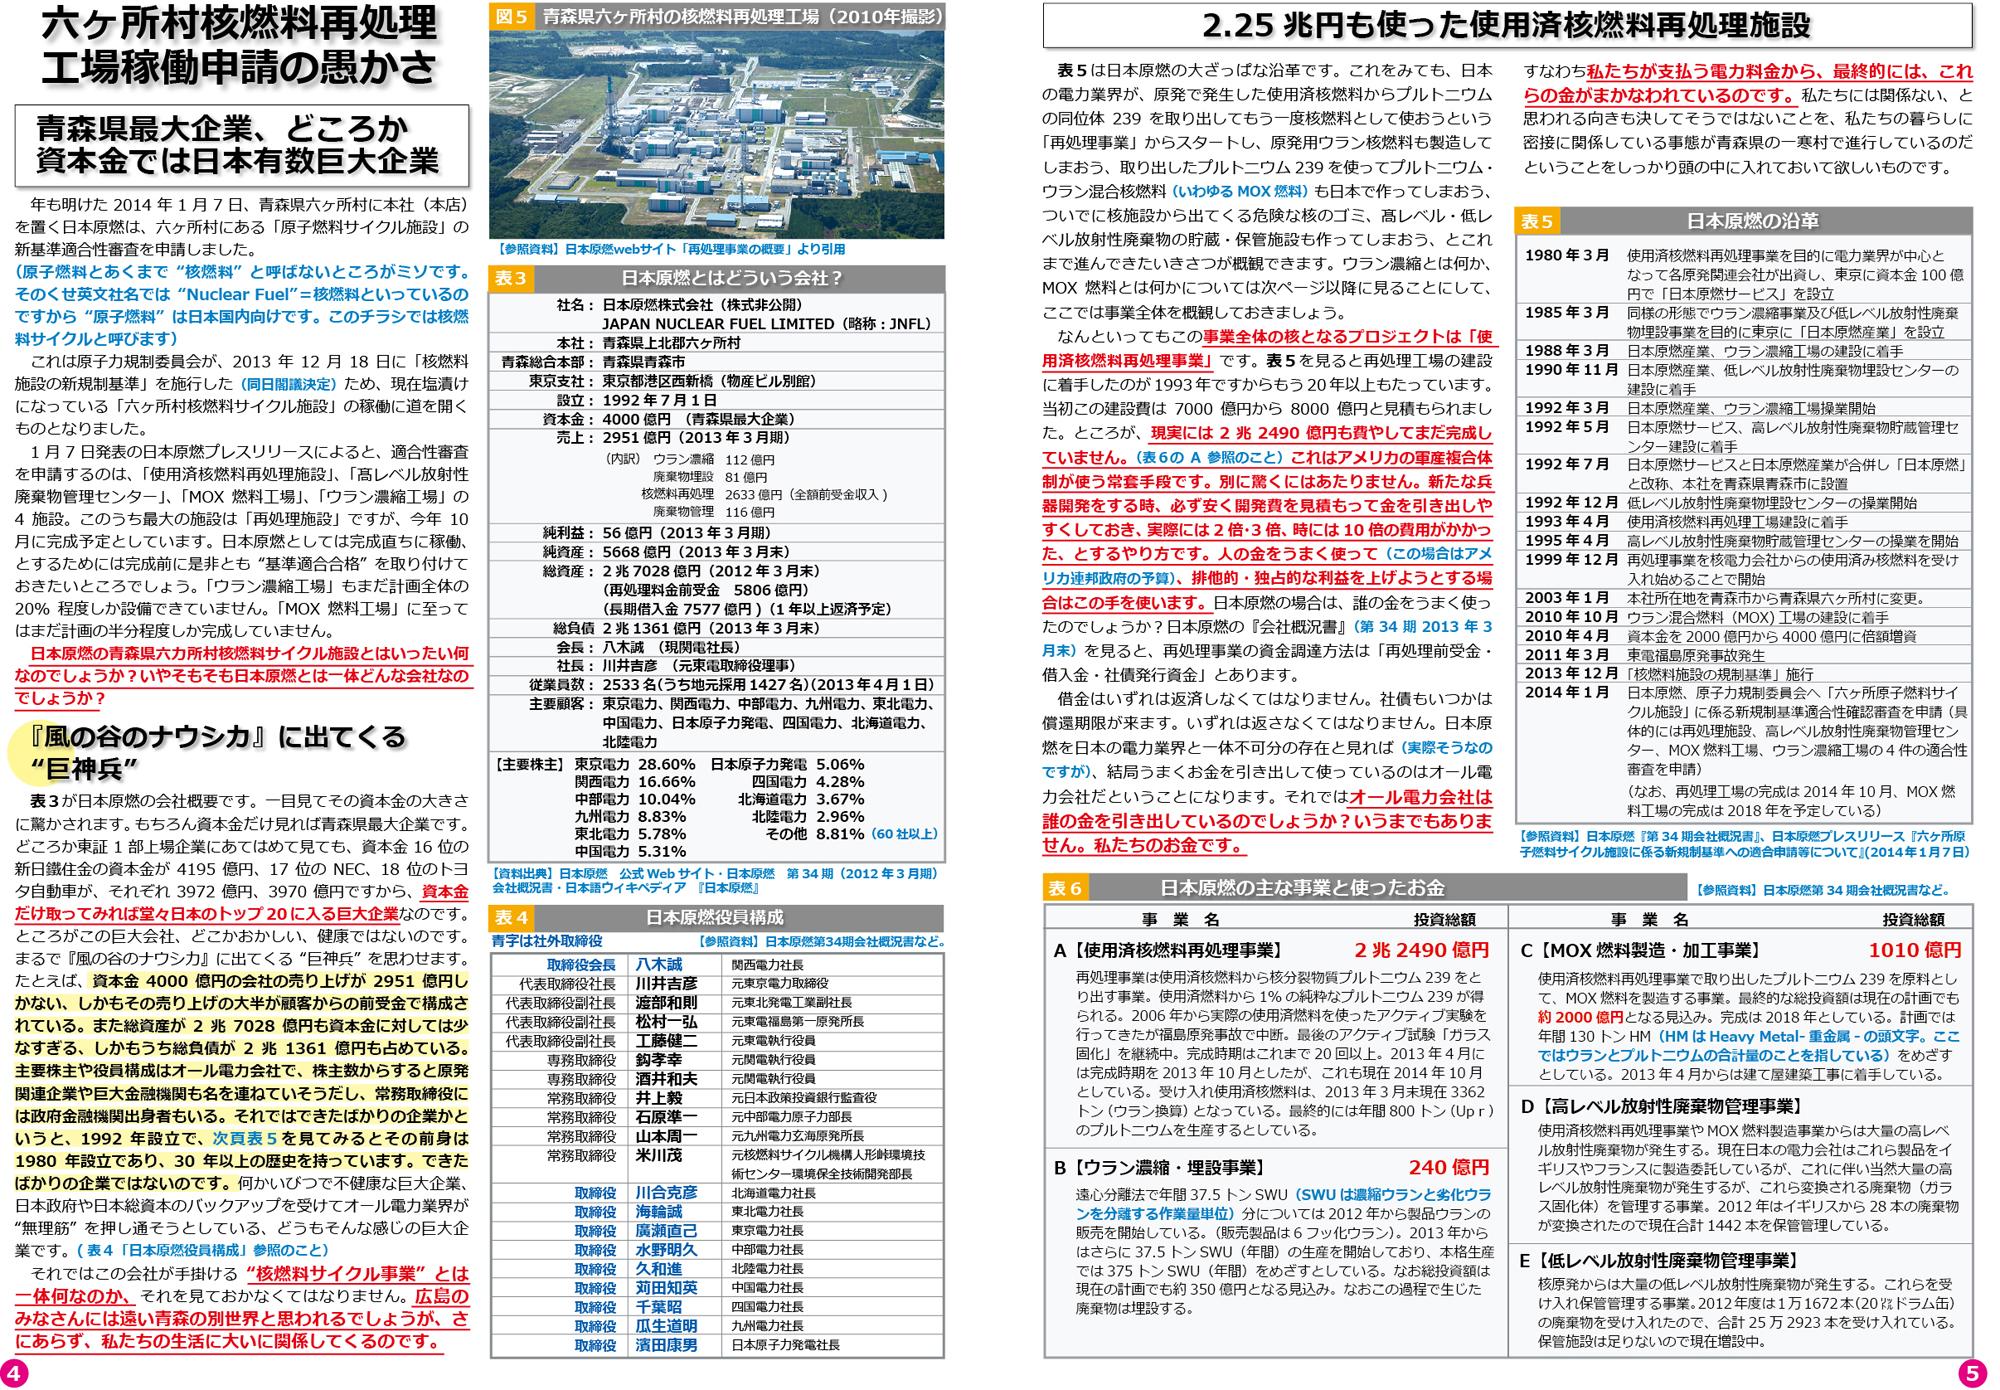 ファイル 251-3.jpg